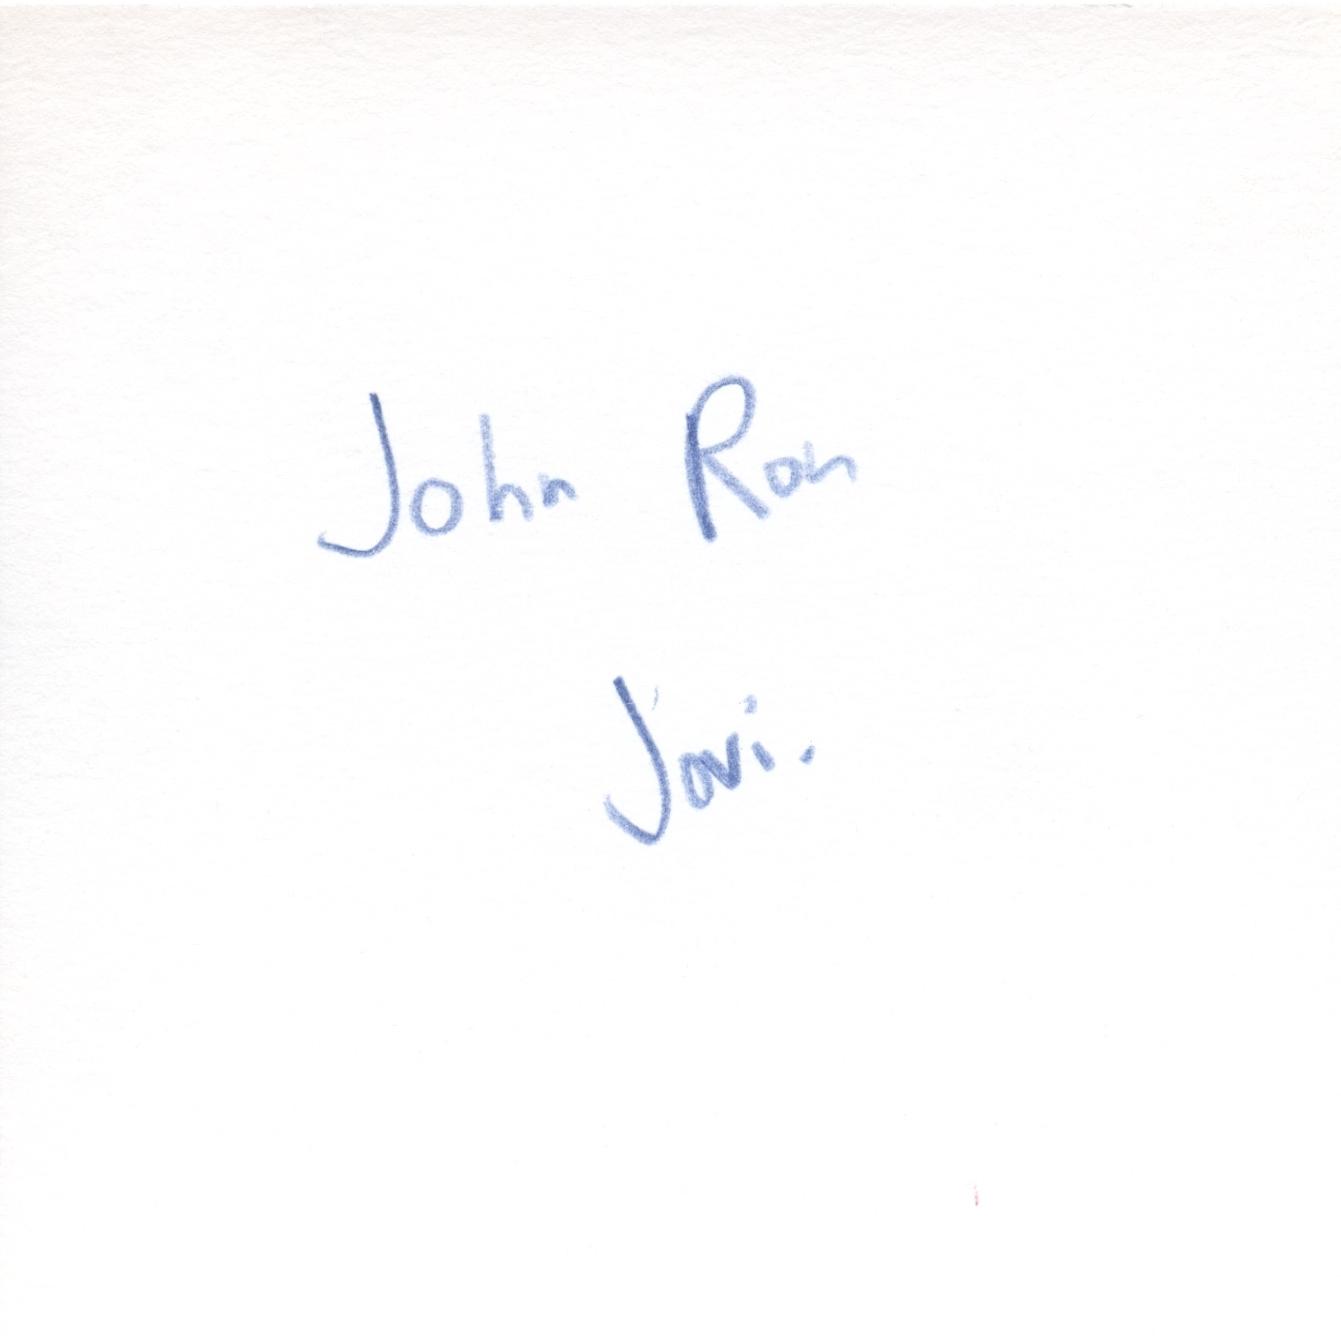 Jon Ron